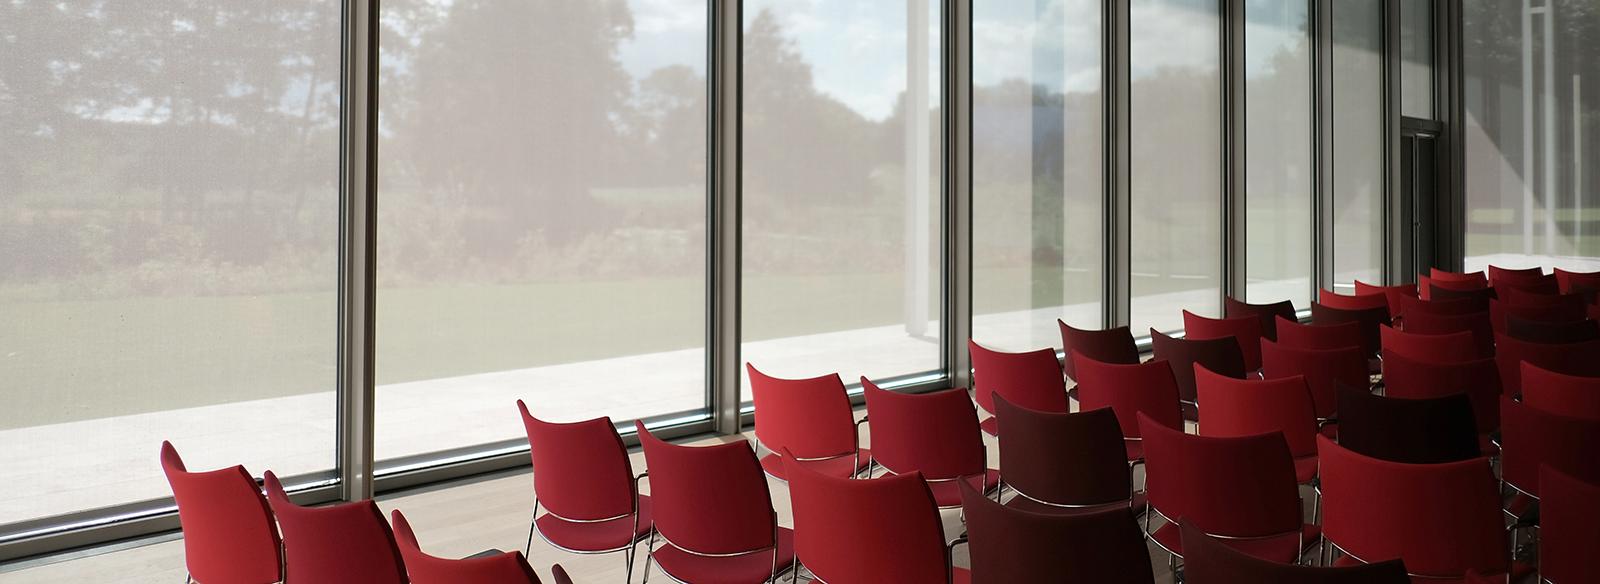 rangées de chaises rouges mises en place pour une conférence